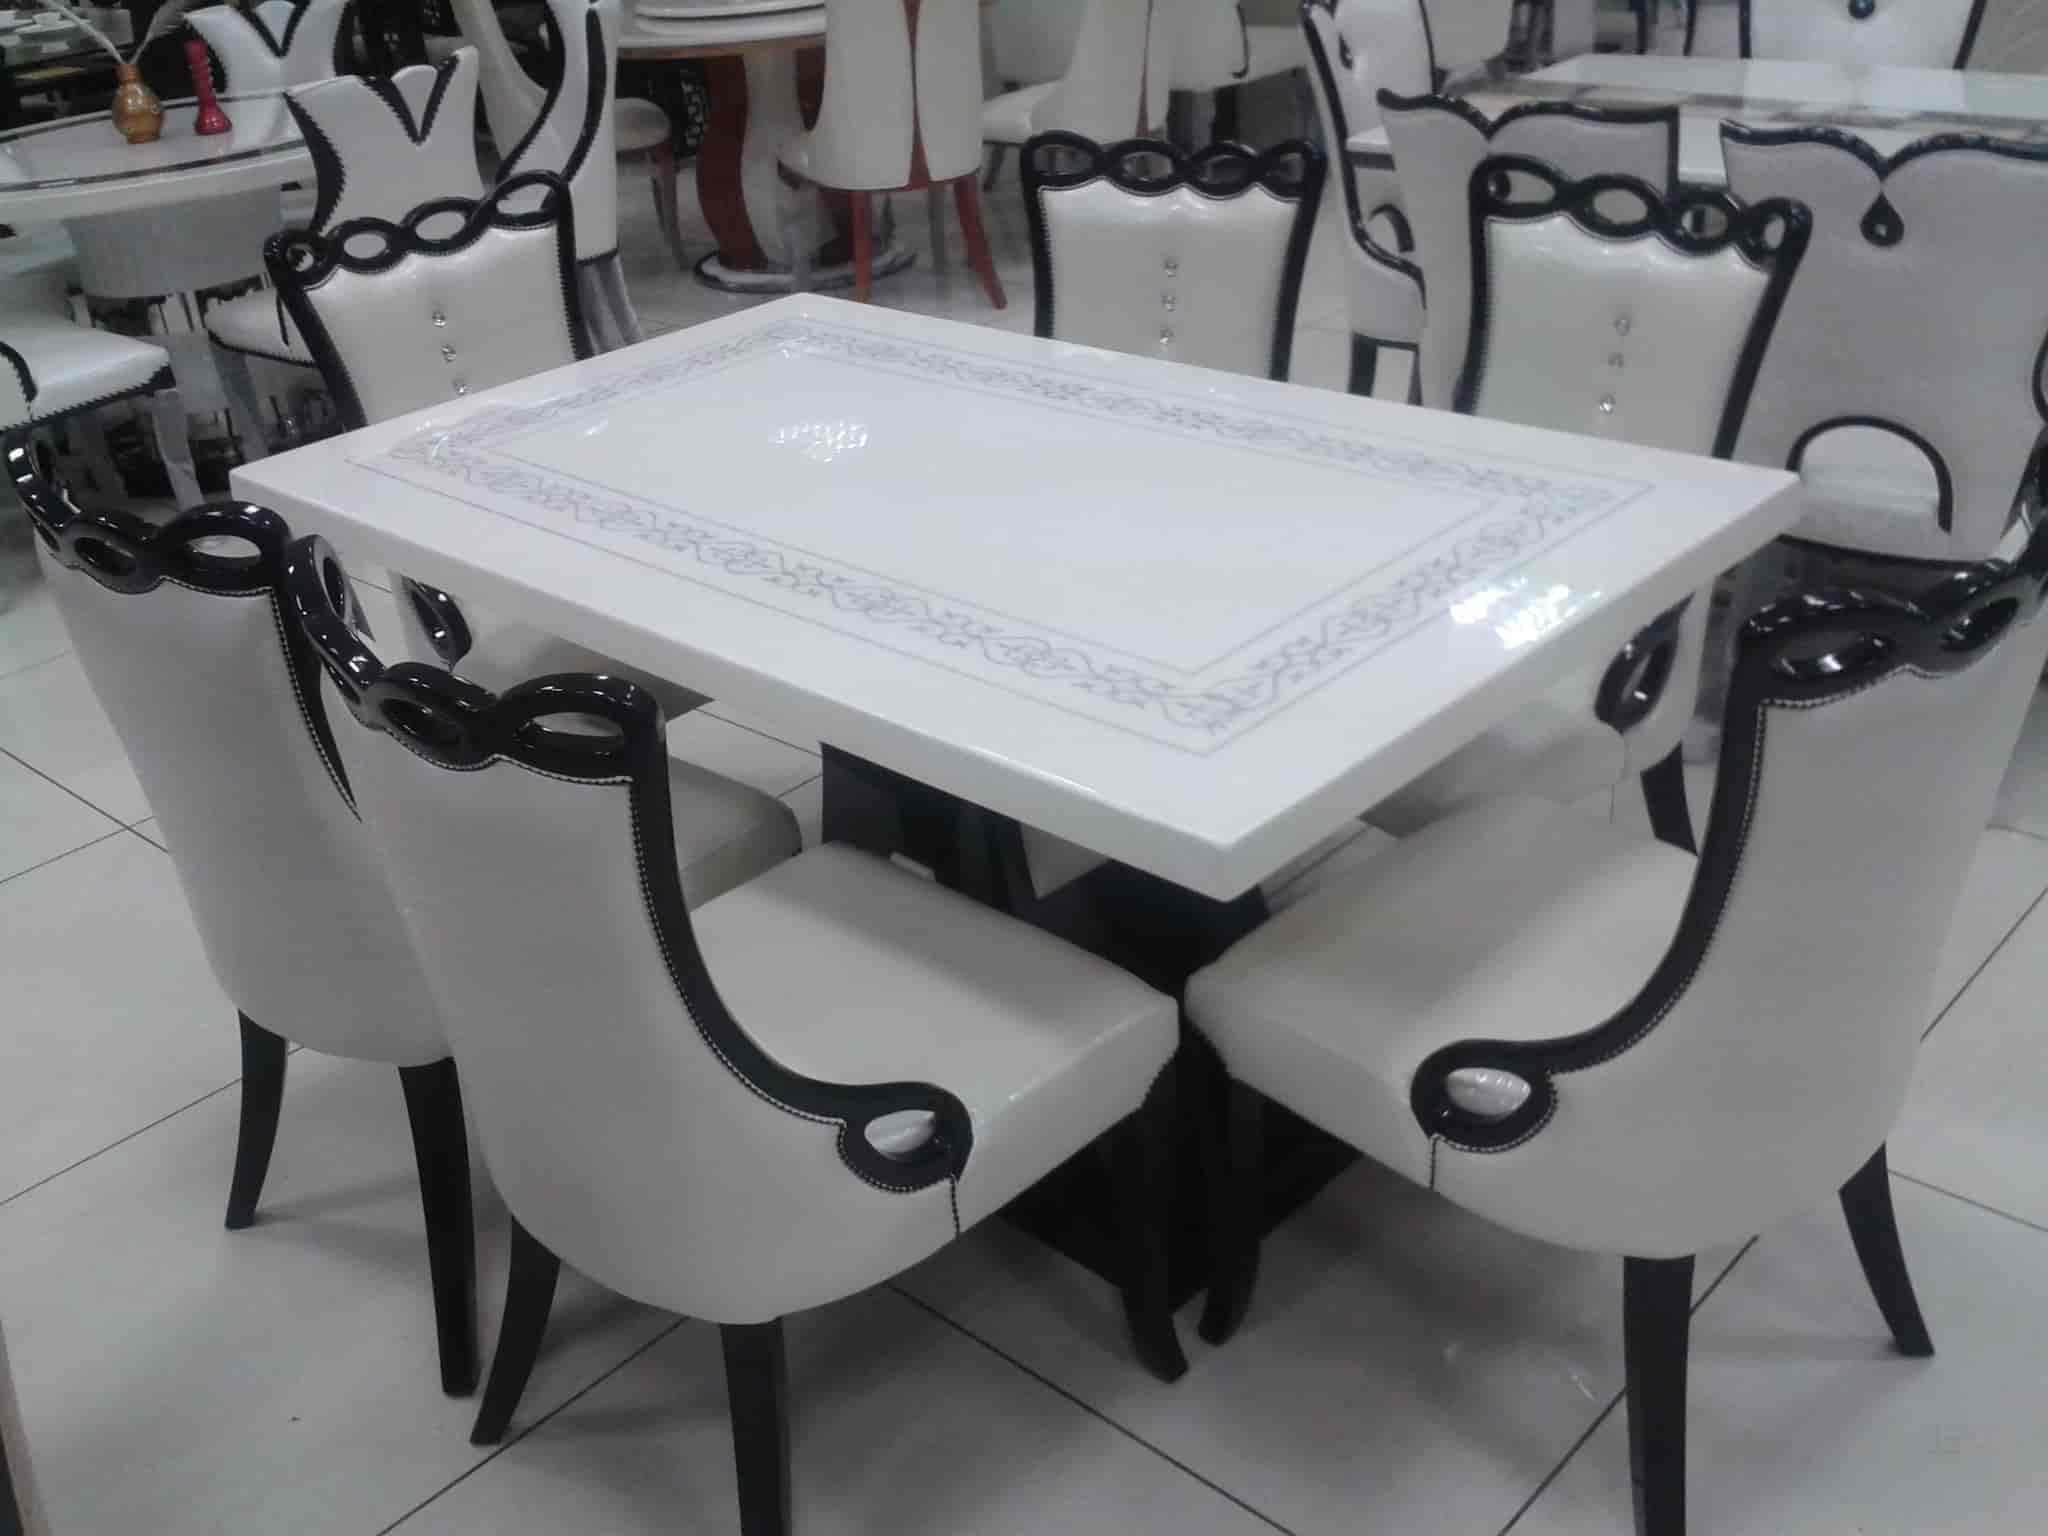 Chavan Furniture Bijapur Road Sholapur Furniture Dealers in